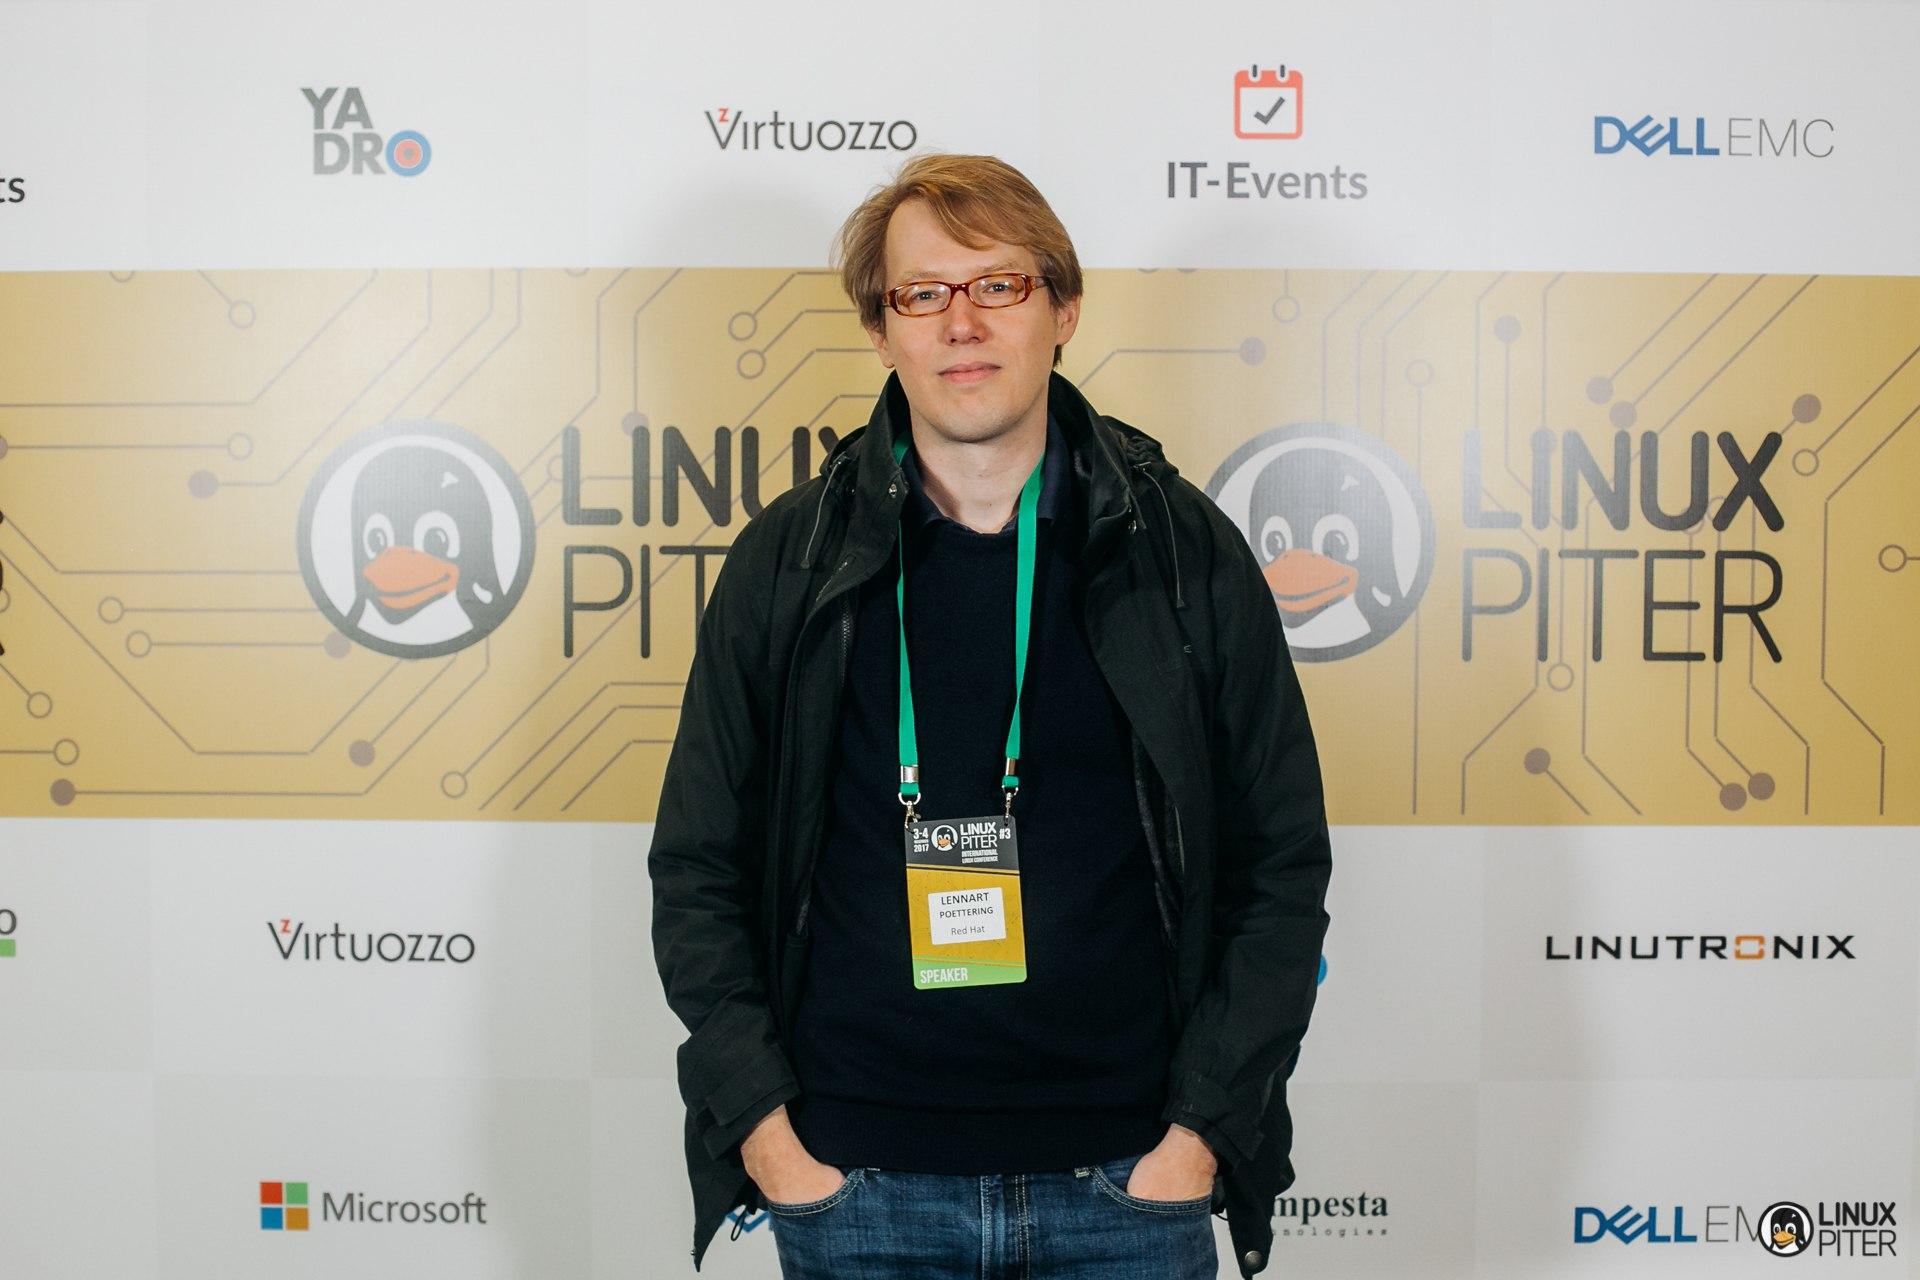 Интервью с Леннартом Поттерингом на Linux Piter об изменениях в Linux, про systemd и о том, зачем посещать конференции - 1